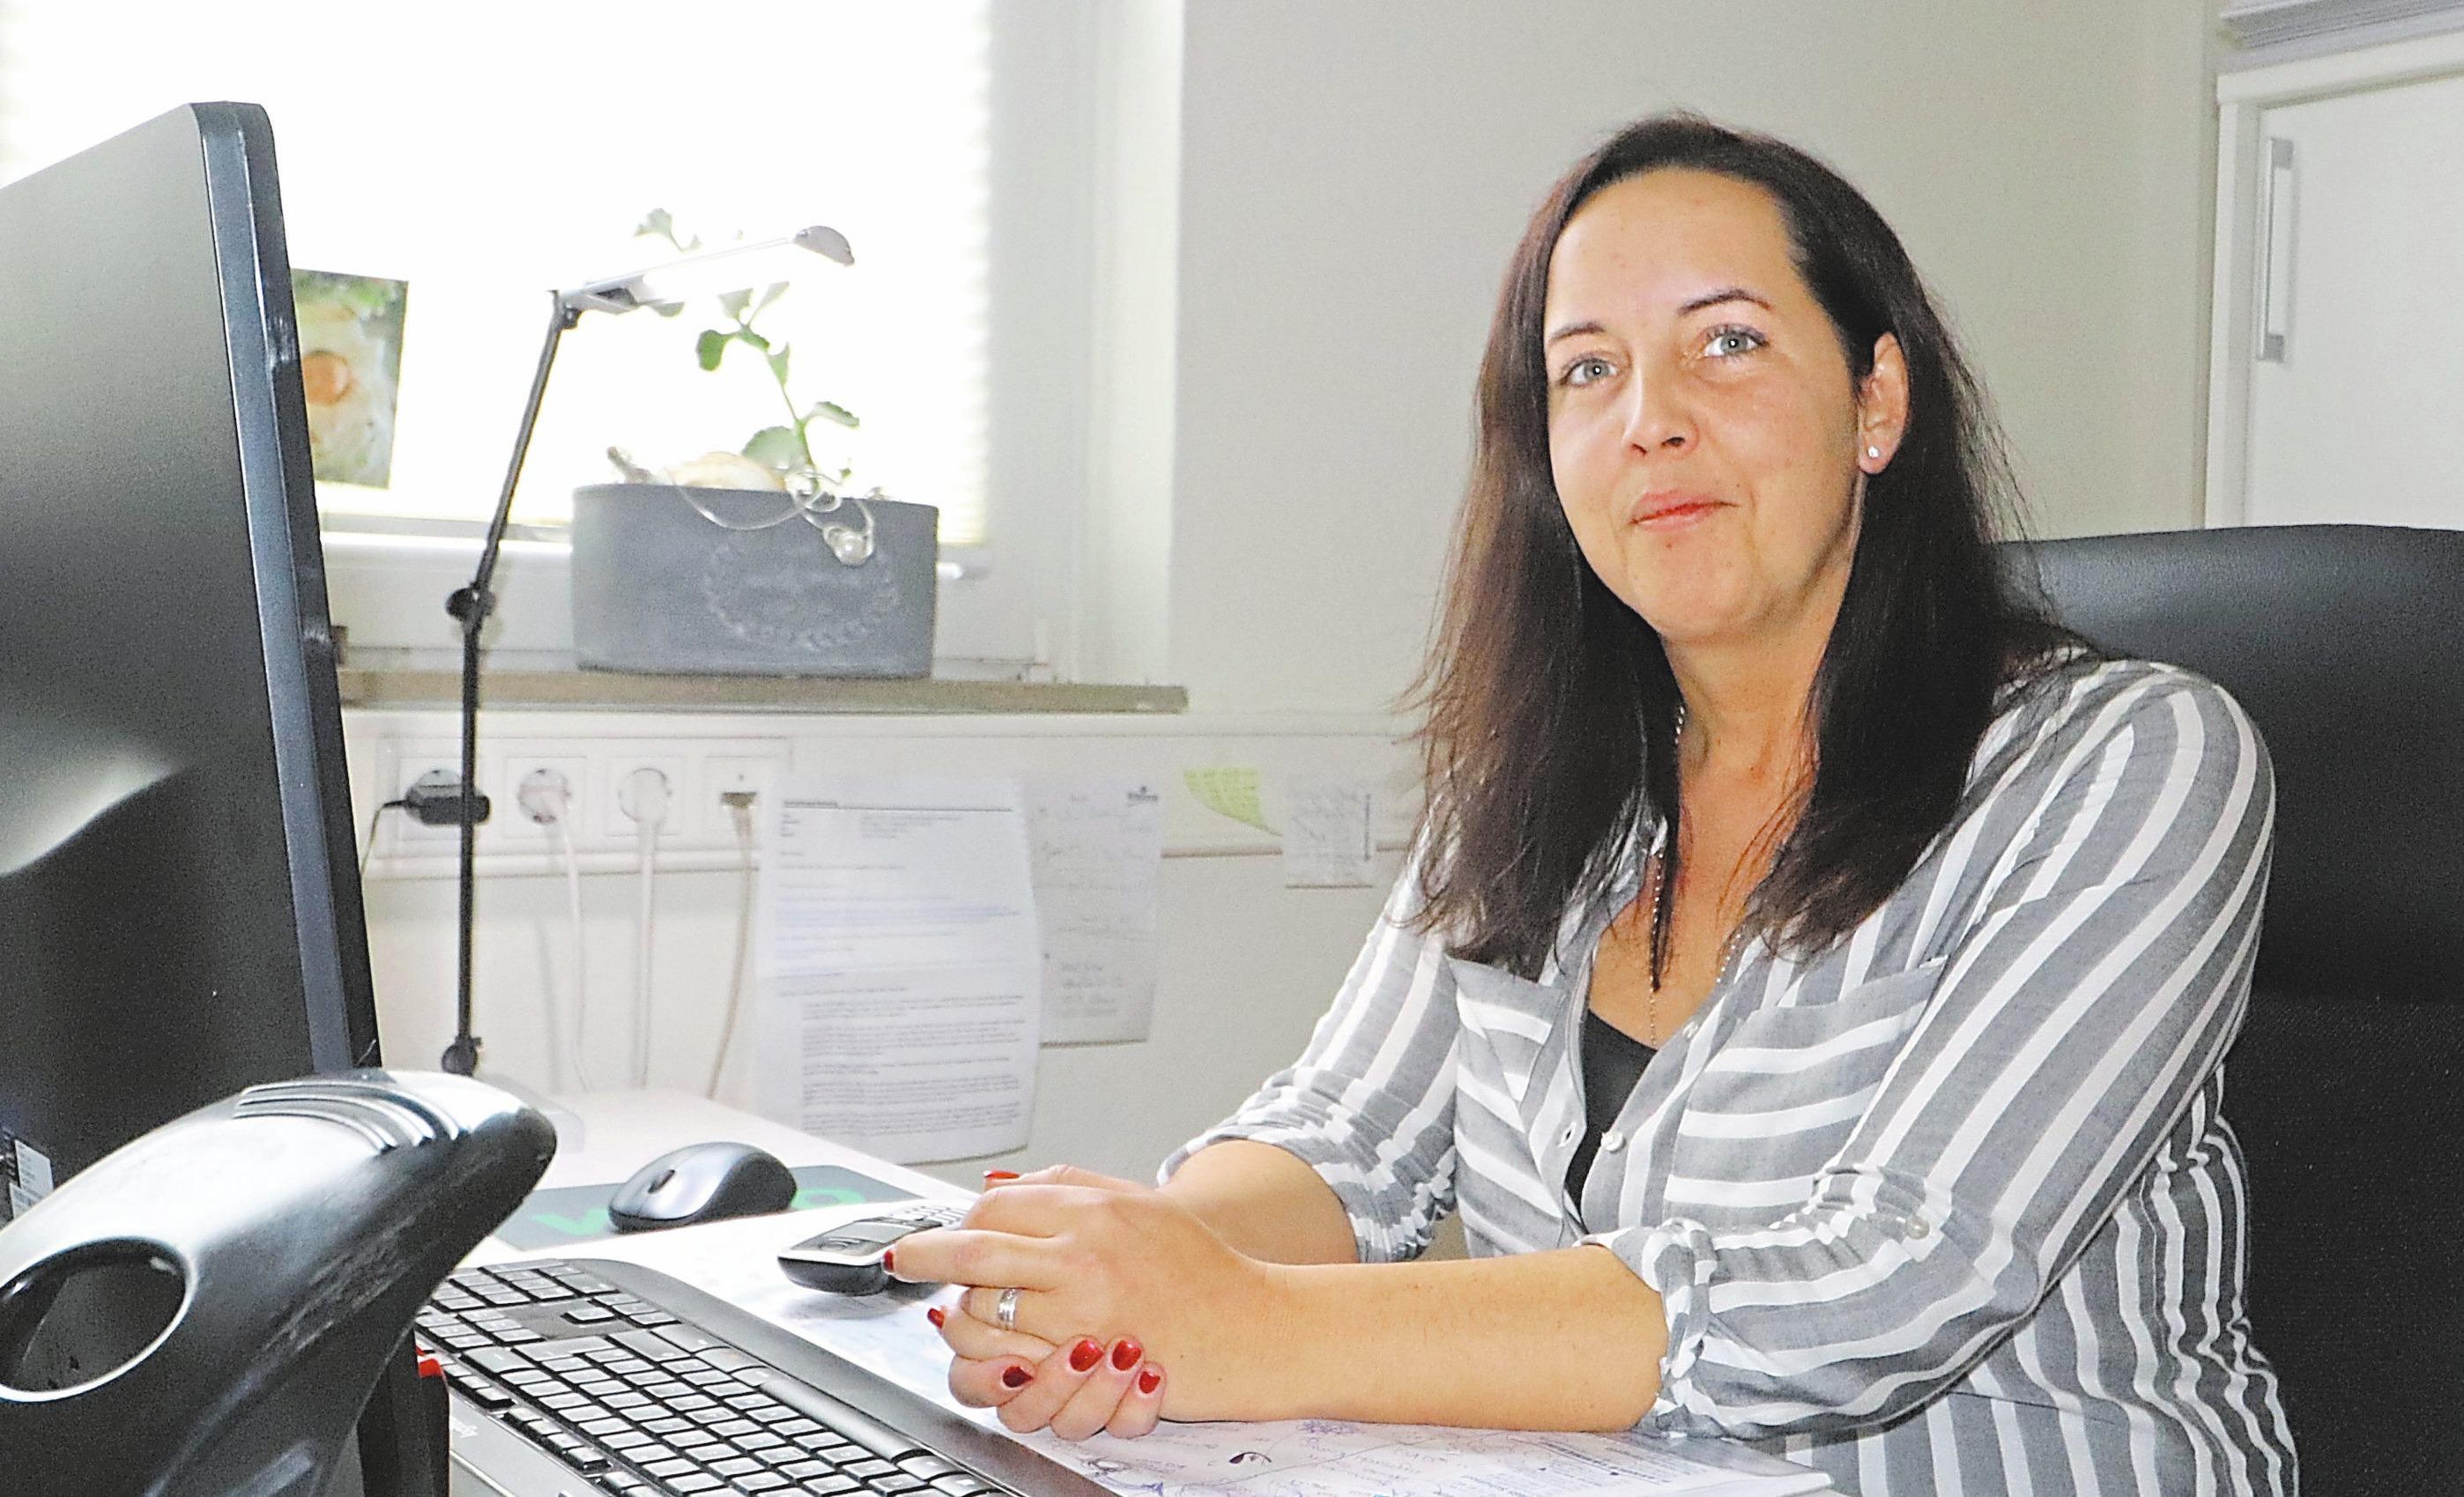 Tatjana Köstering ist Ansprechpartnerin der Kunden im Büro (kleines Foto) und koordiniert die Termine. Fotos (2): Guido Kratzke